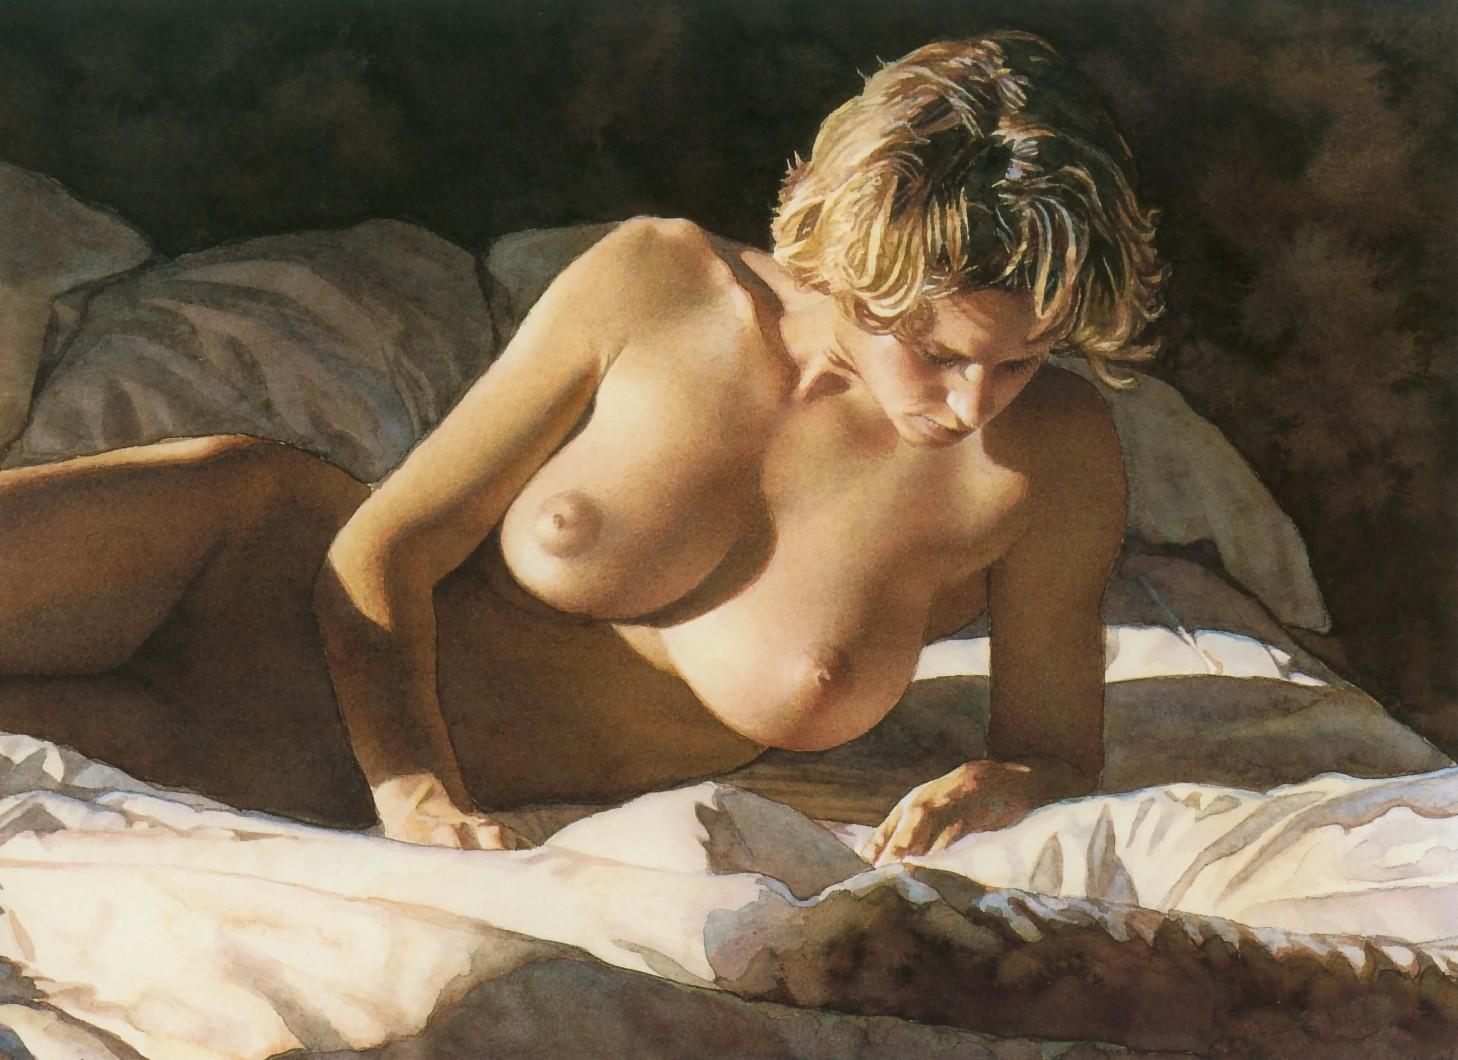 Купить картину не дорого Картины художников Картины